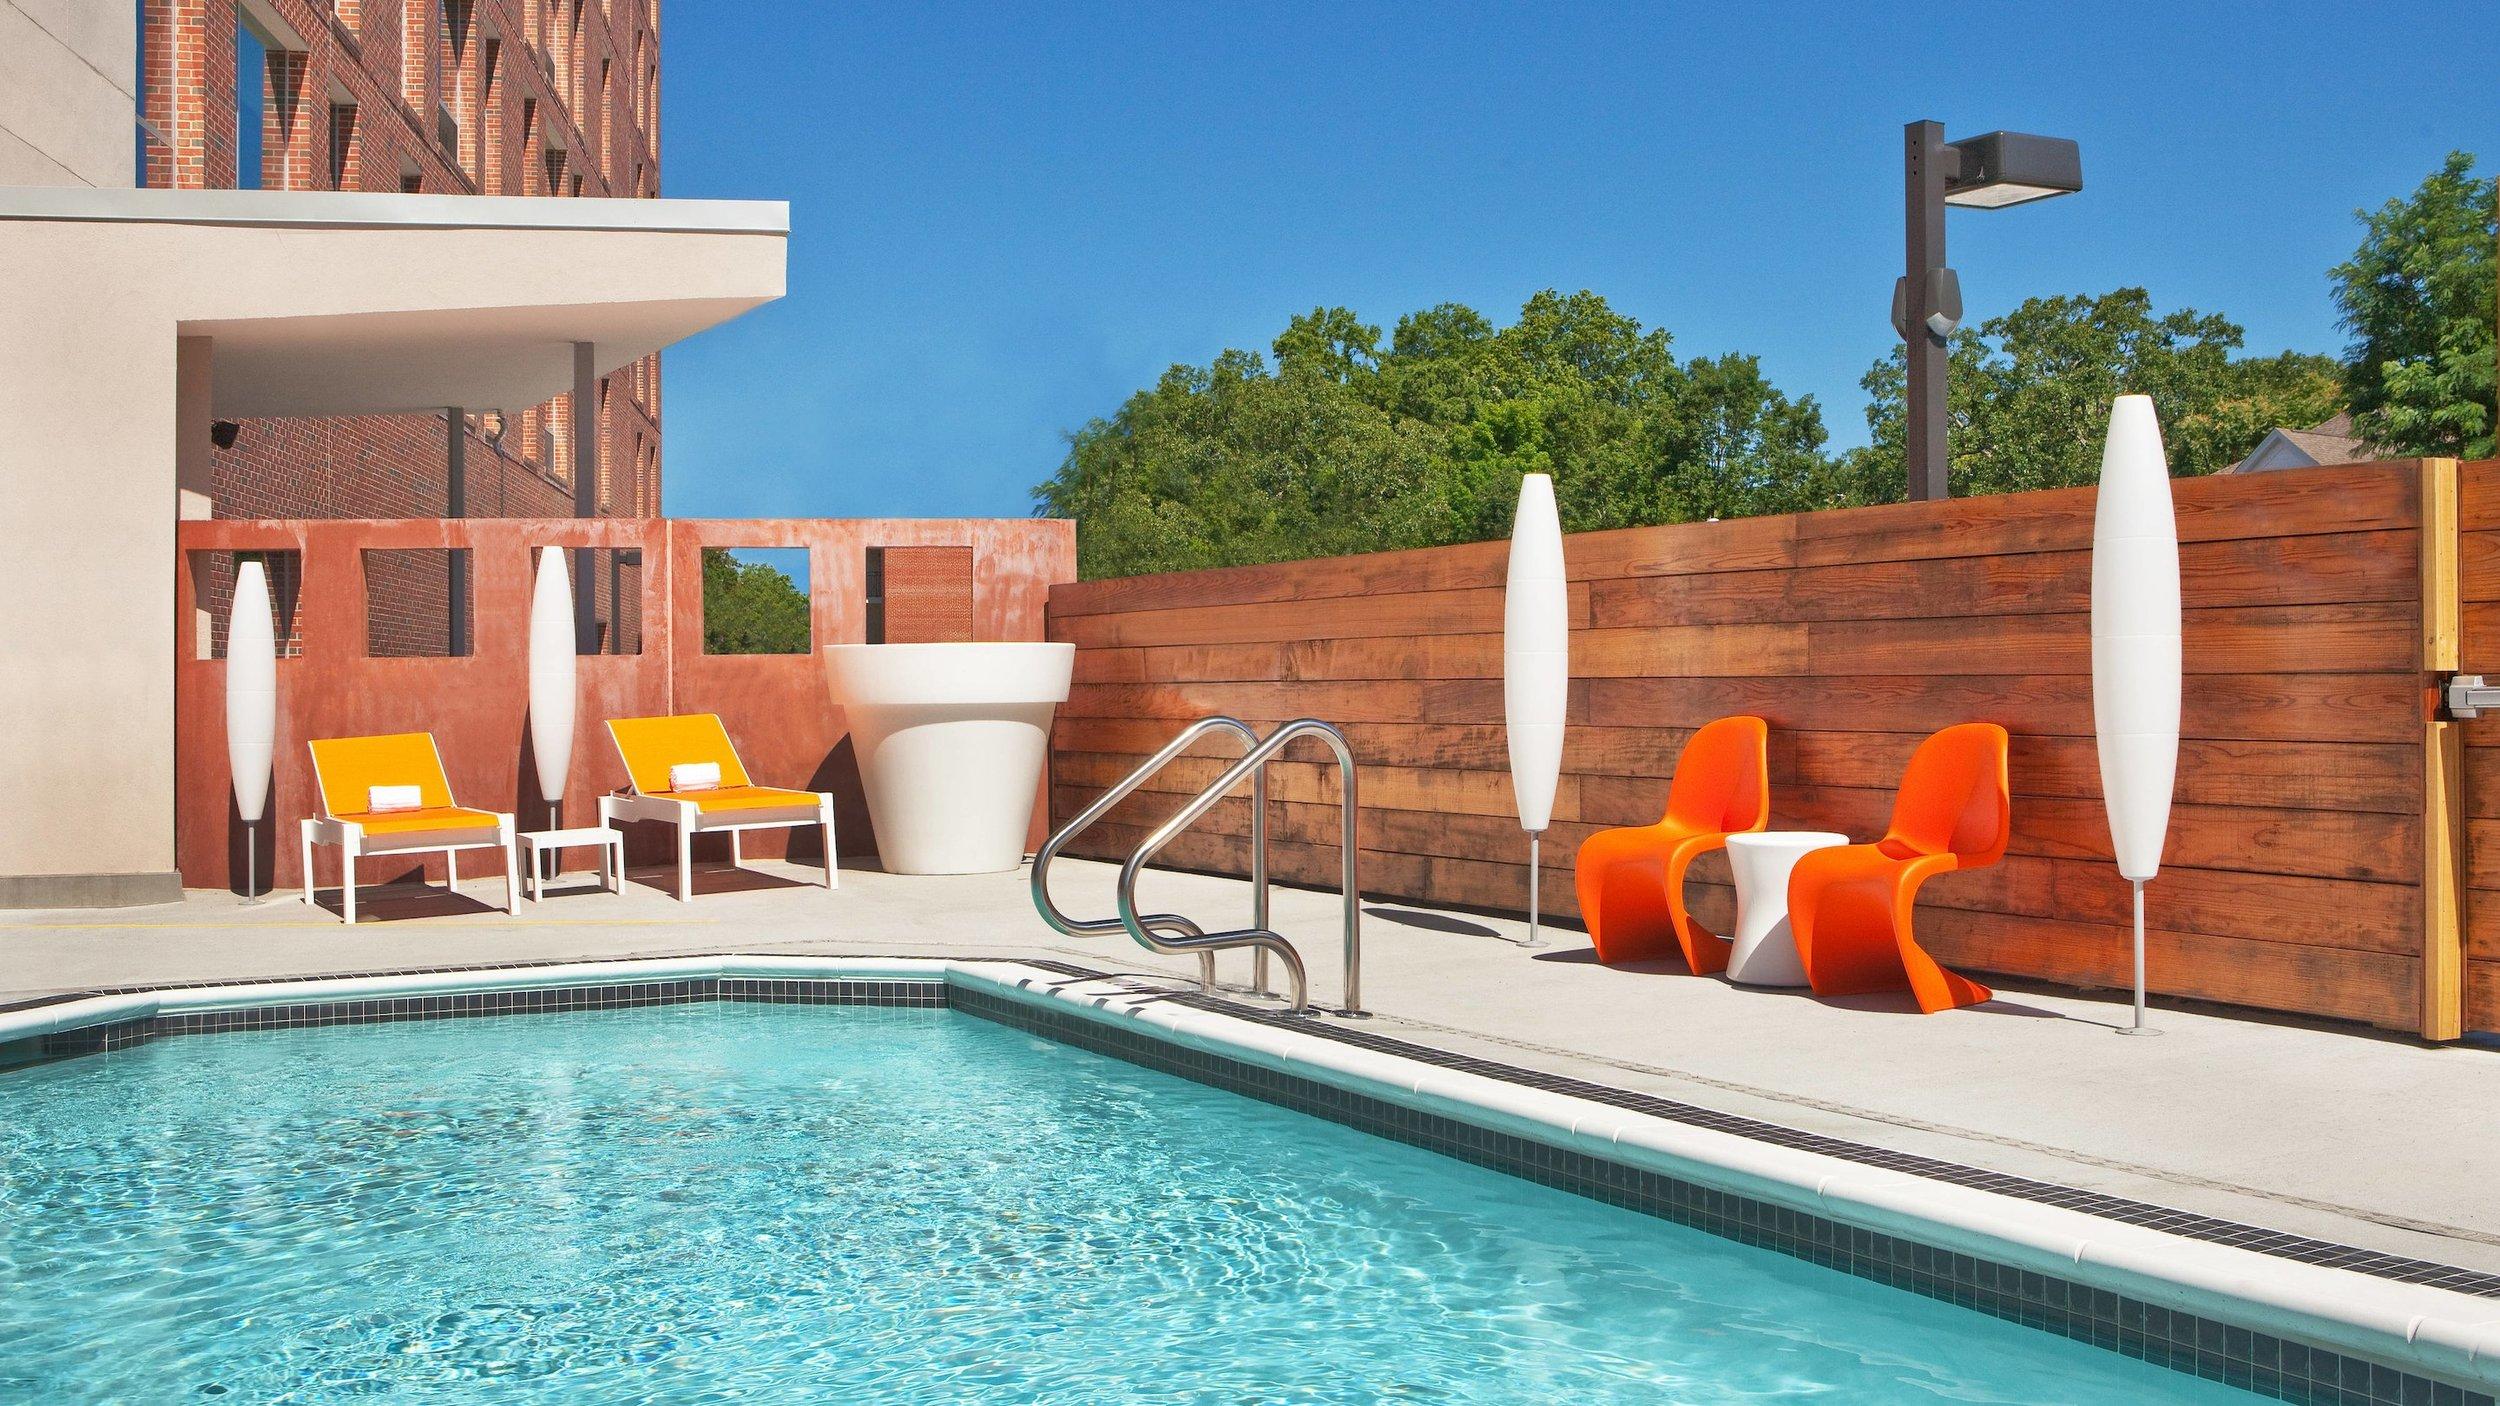 rdura-pool-5994-hor-wide.jpg